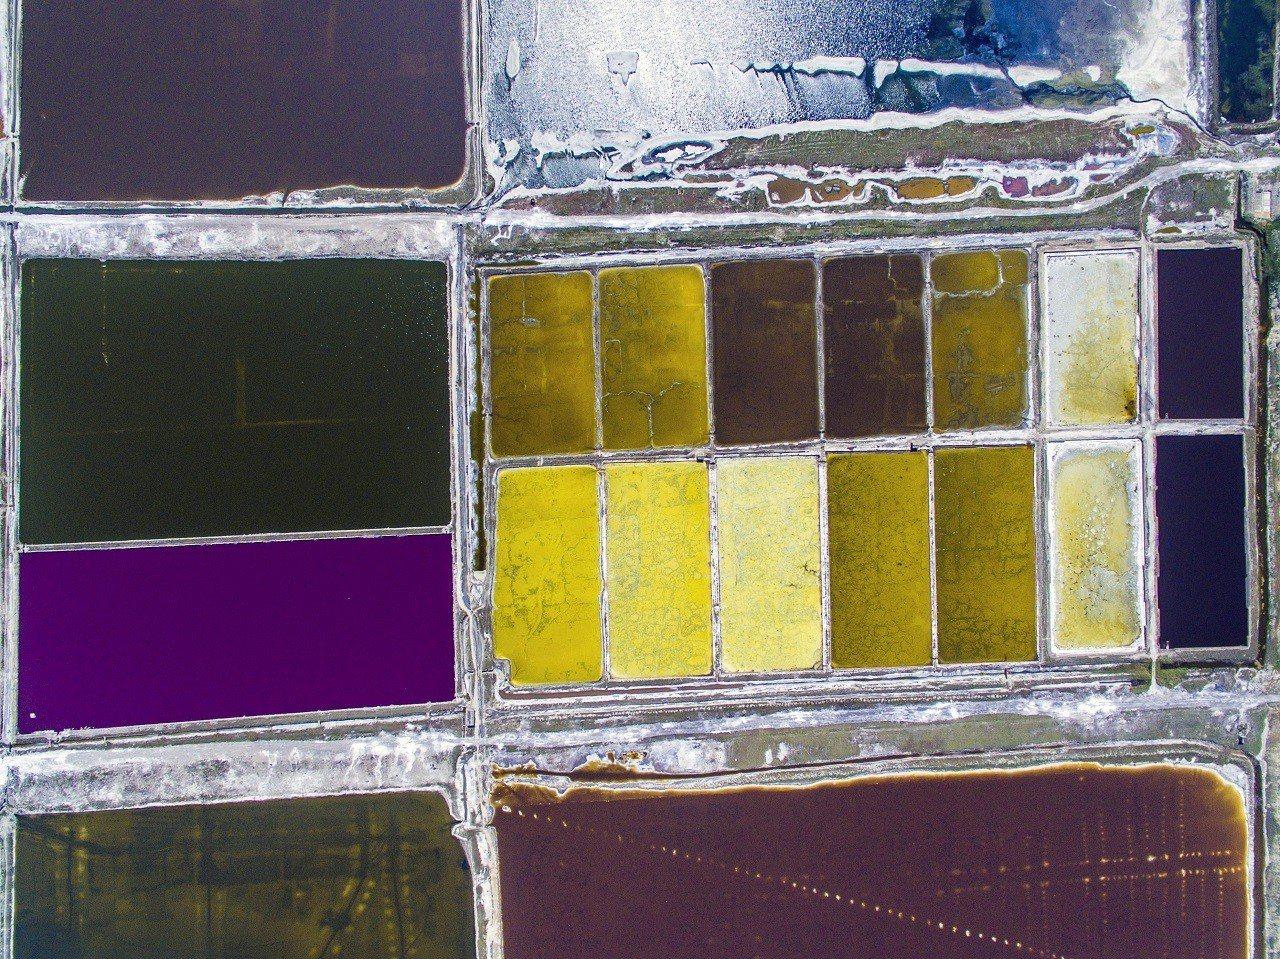 夏季高溫,讓山西運城鹽湖湖水呈現出不同的顏色。新華社